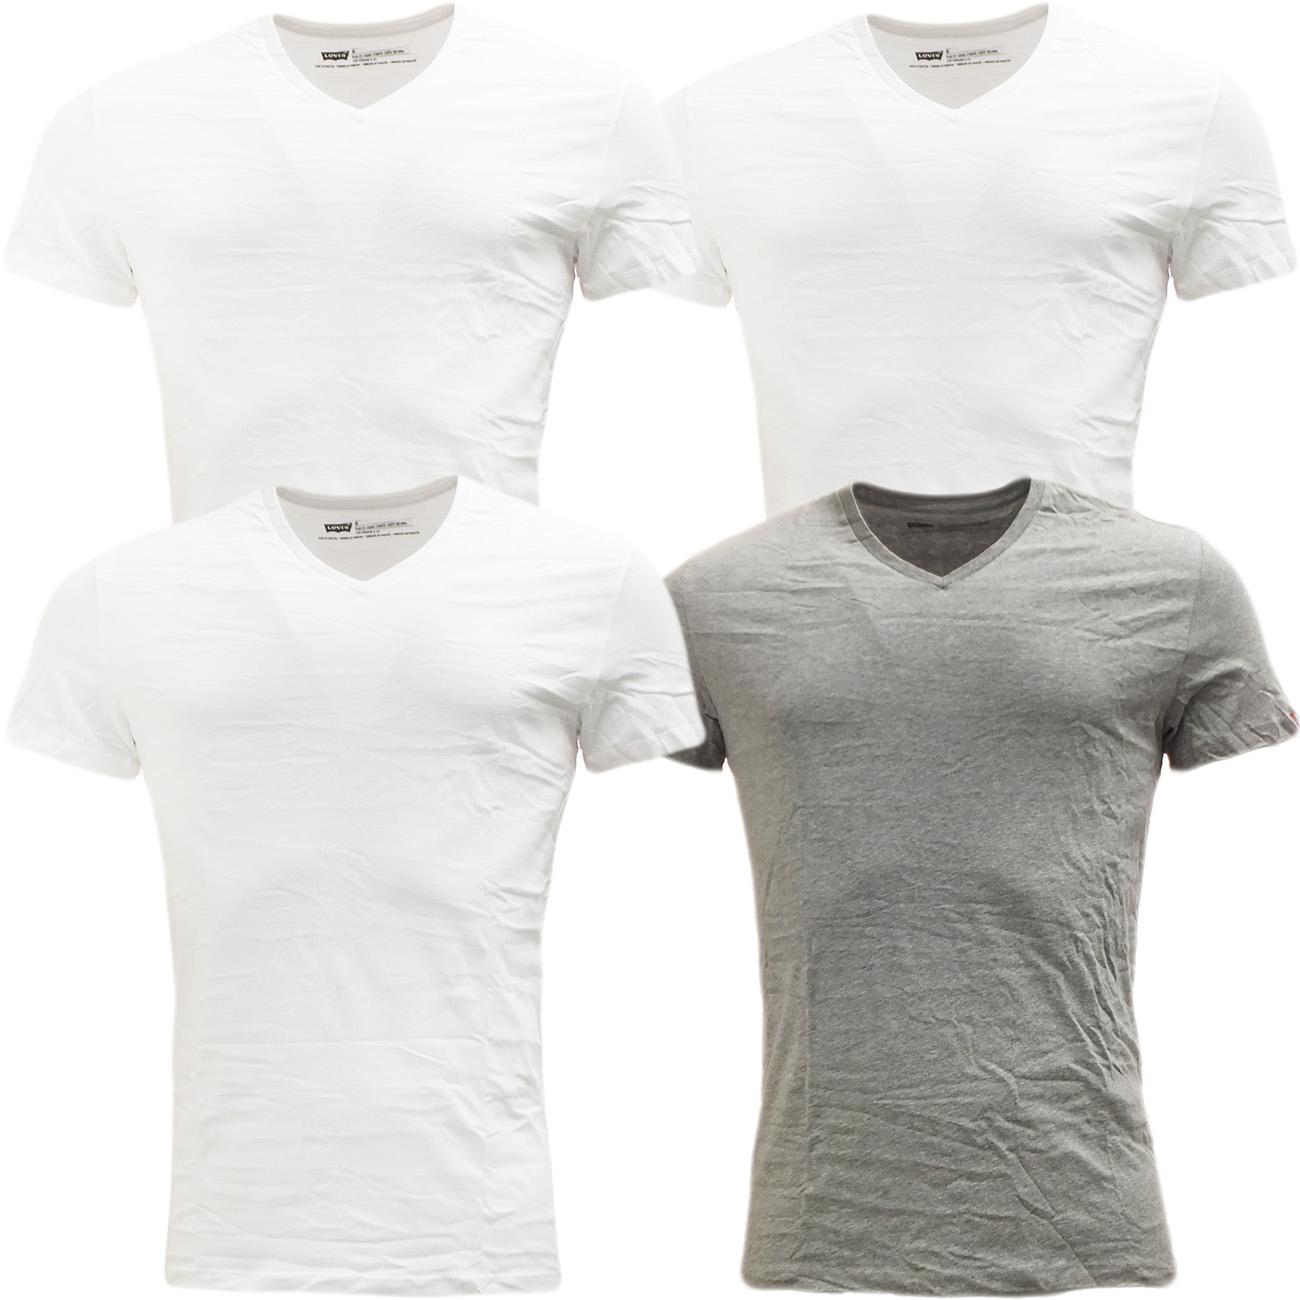 Mens levi strauss plain v neck t shirt pack of 2 t for Plain t shirt pack